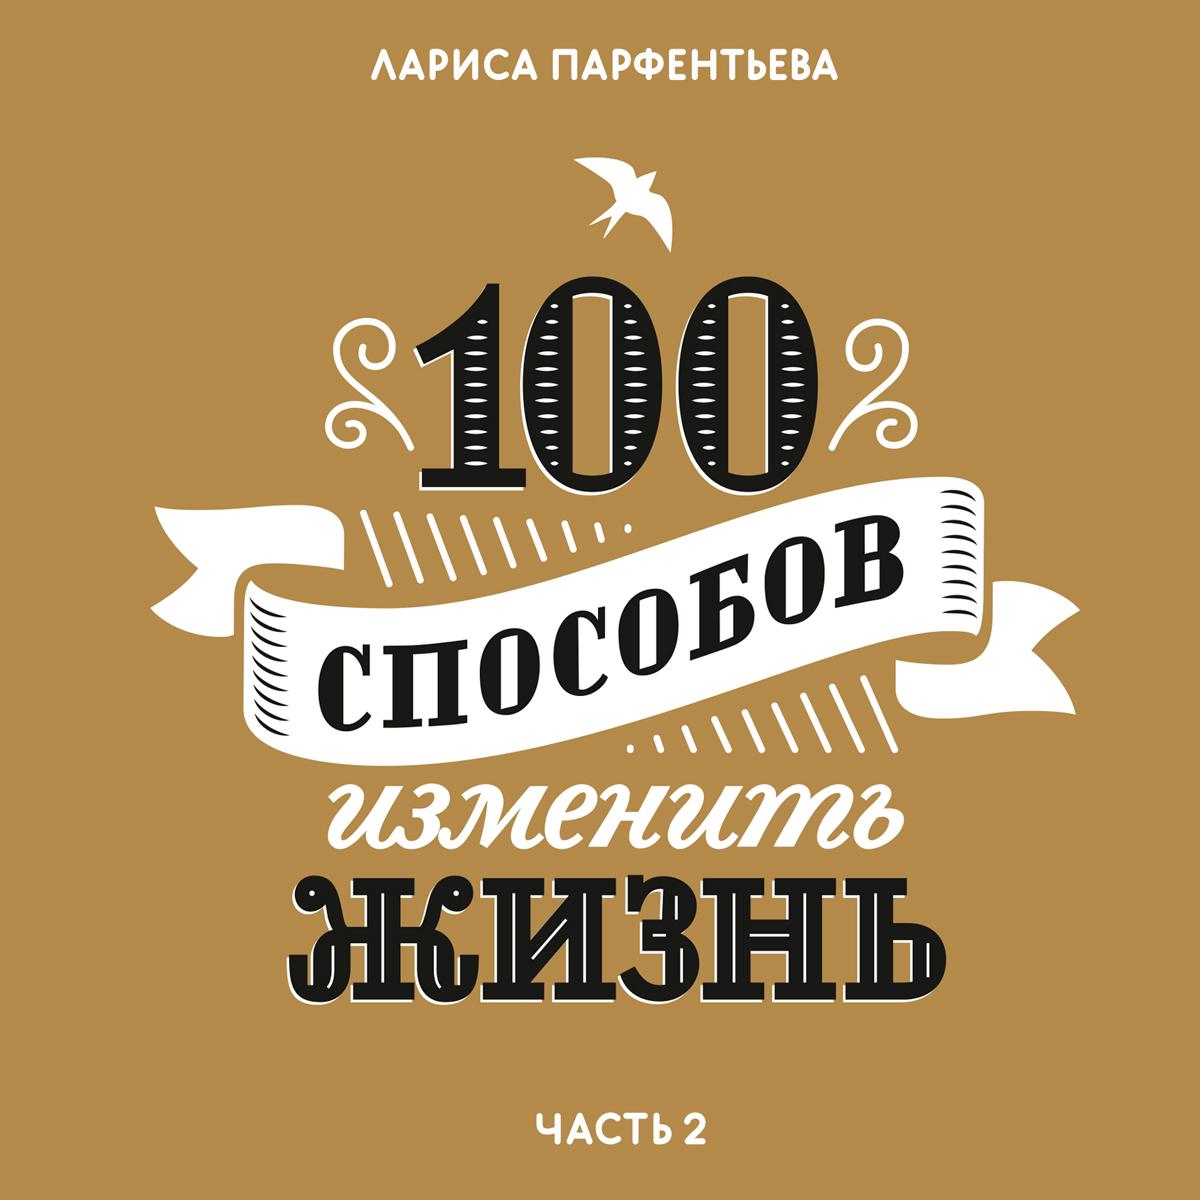 Лариса Парфентьева 100 способов изменить жизнь. Часть вторая 100 способов изменить жизнь часть вторая